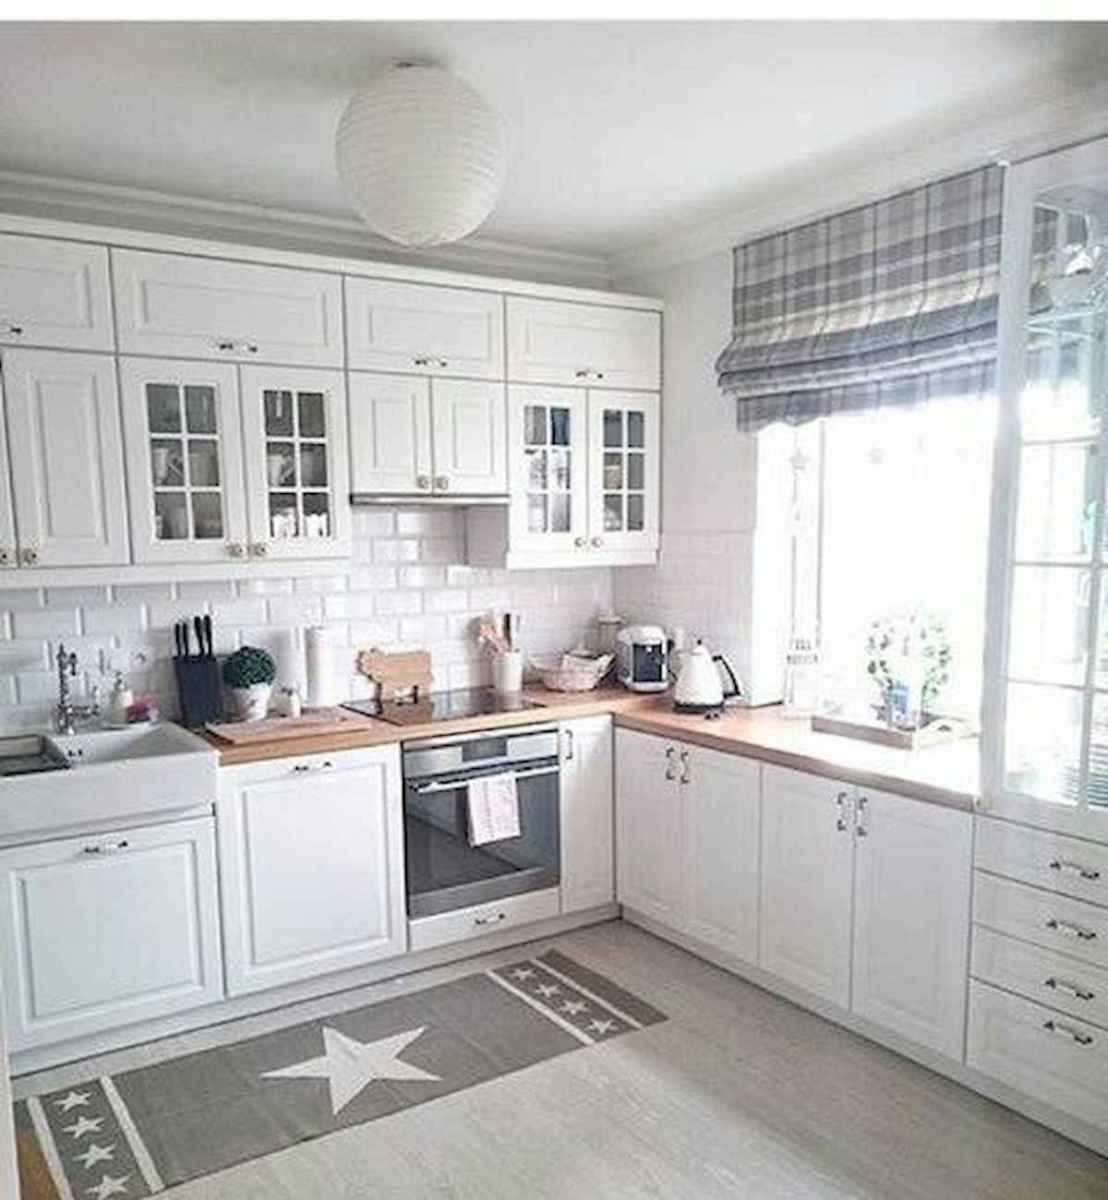 50 Best White Kitchen Design Ideas To Inspiring Your Kitchen (5)